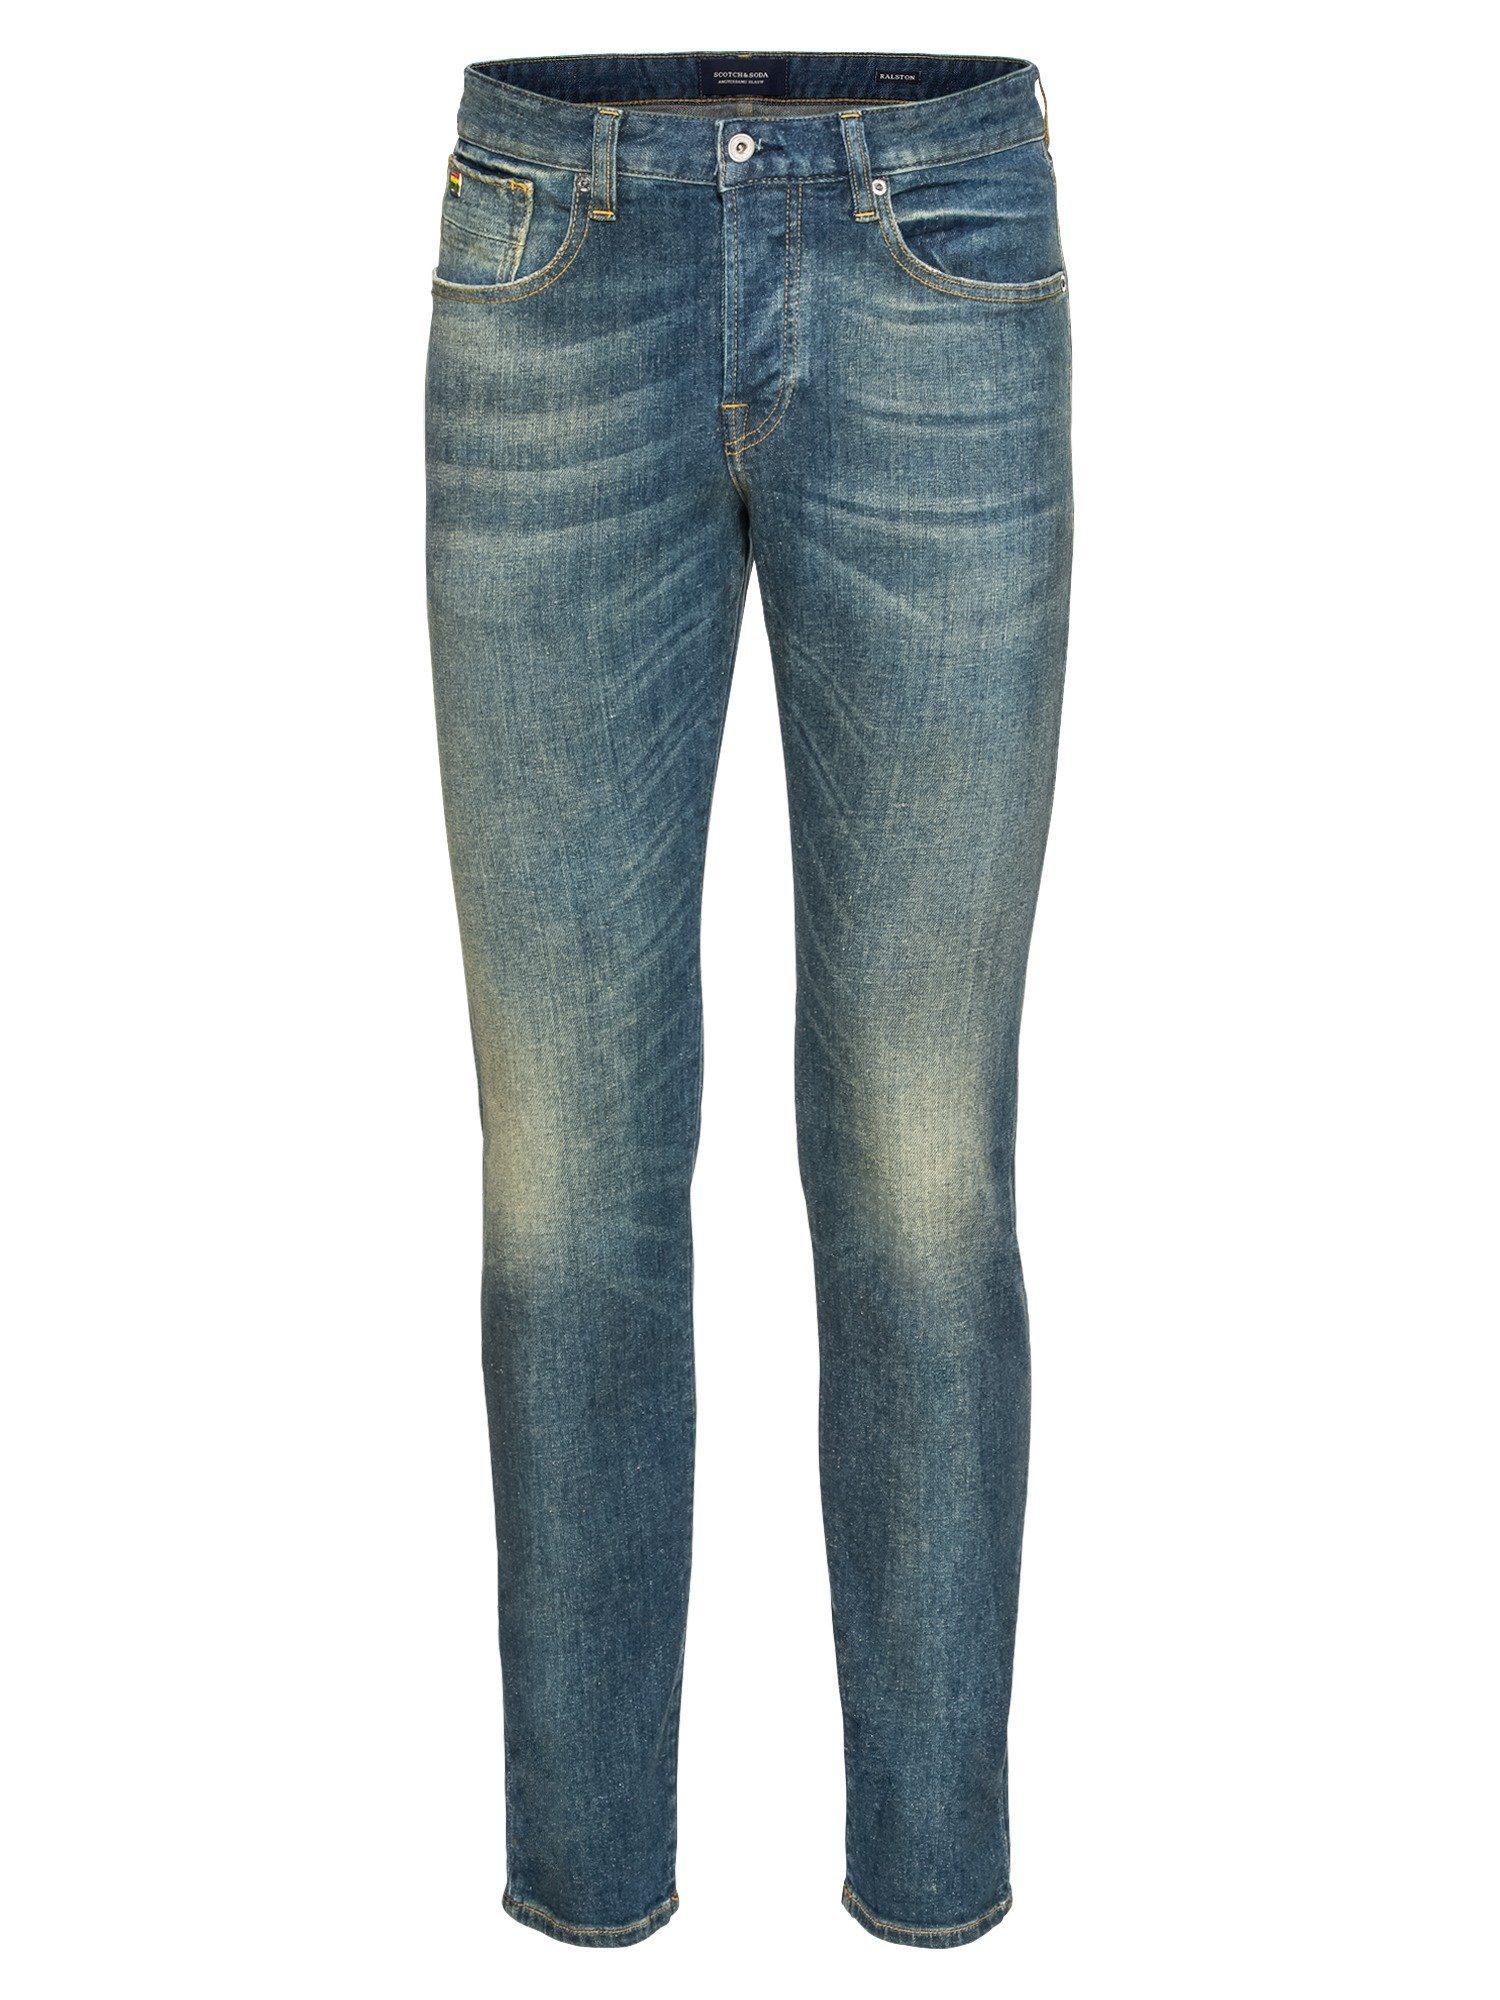 Scotch & Soda Slim-fit-Jeans »Ralston - Diego Blauw« | Bekleidung > Jeans > Sonstige Jeans | Blau | Scotch & Soda